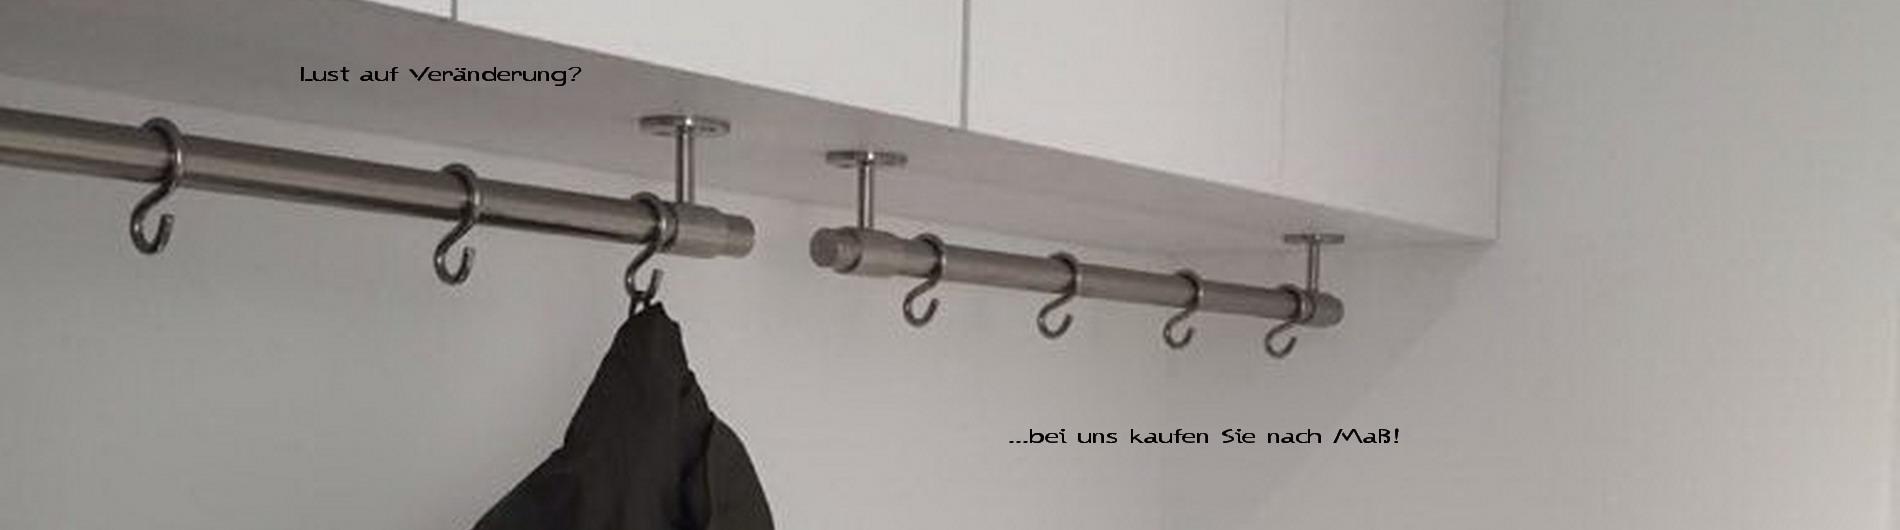 Fabelhaft Edelstahl Garderobe Galerie Von Startseite